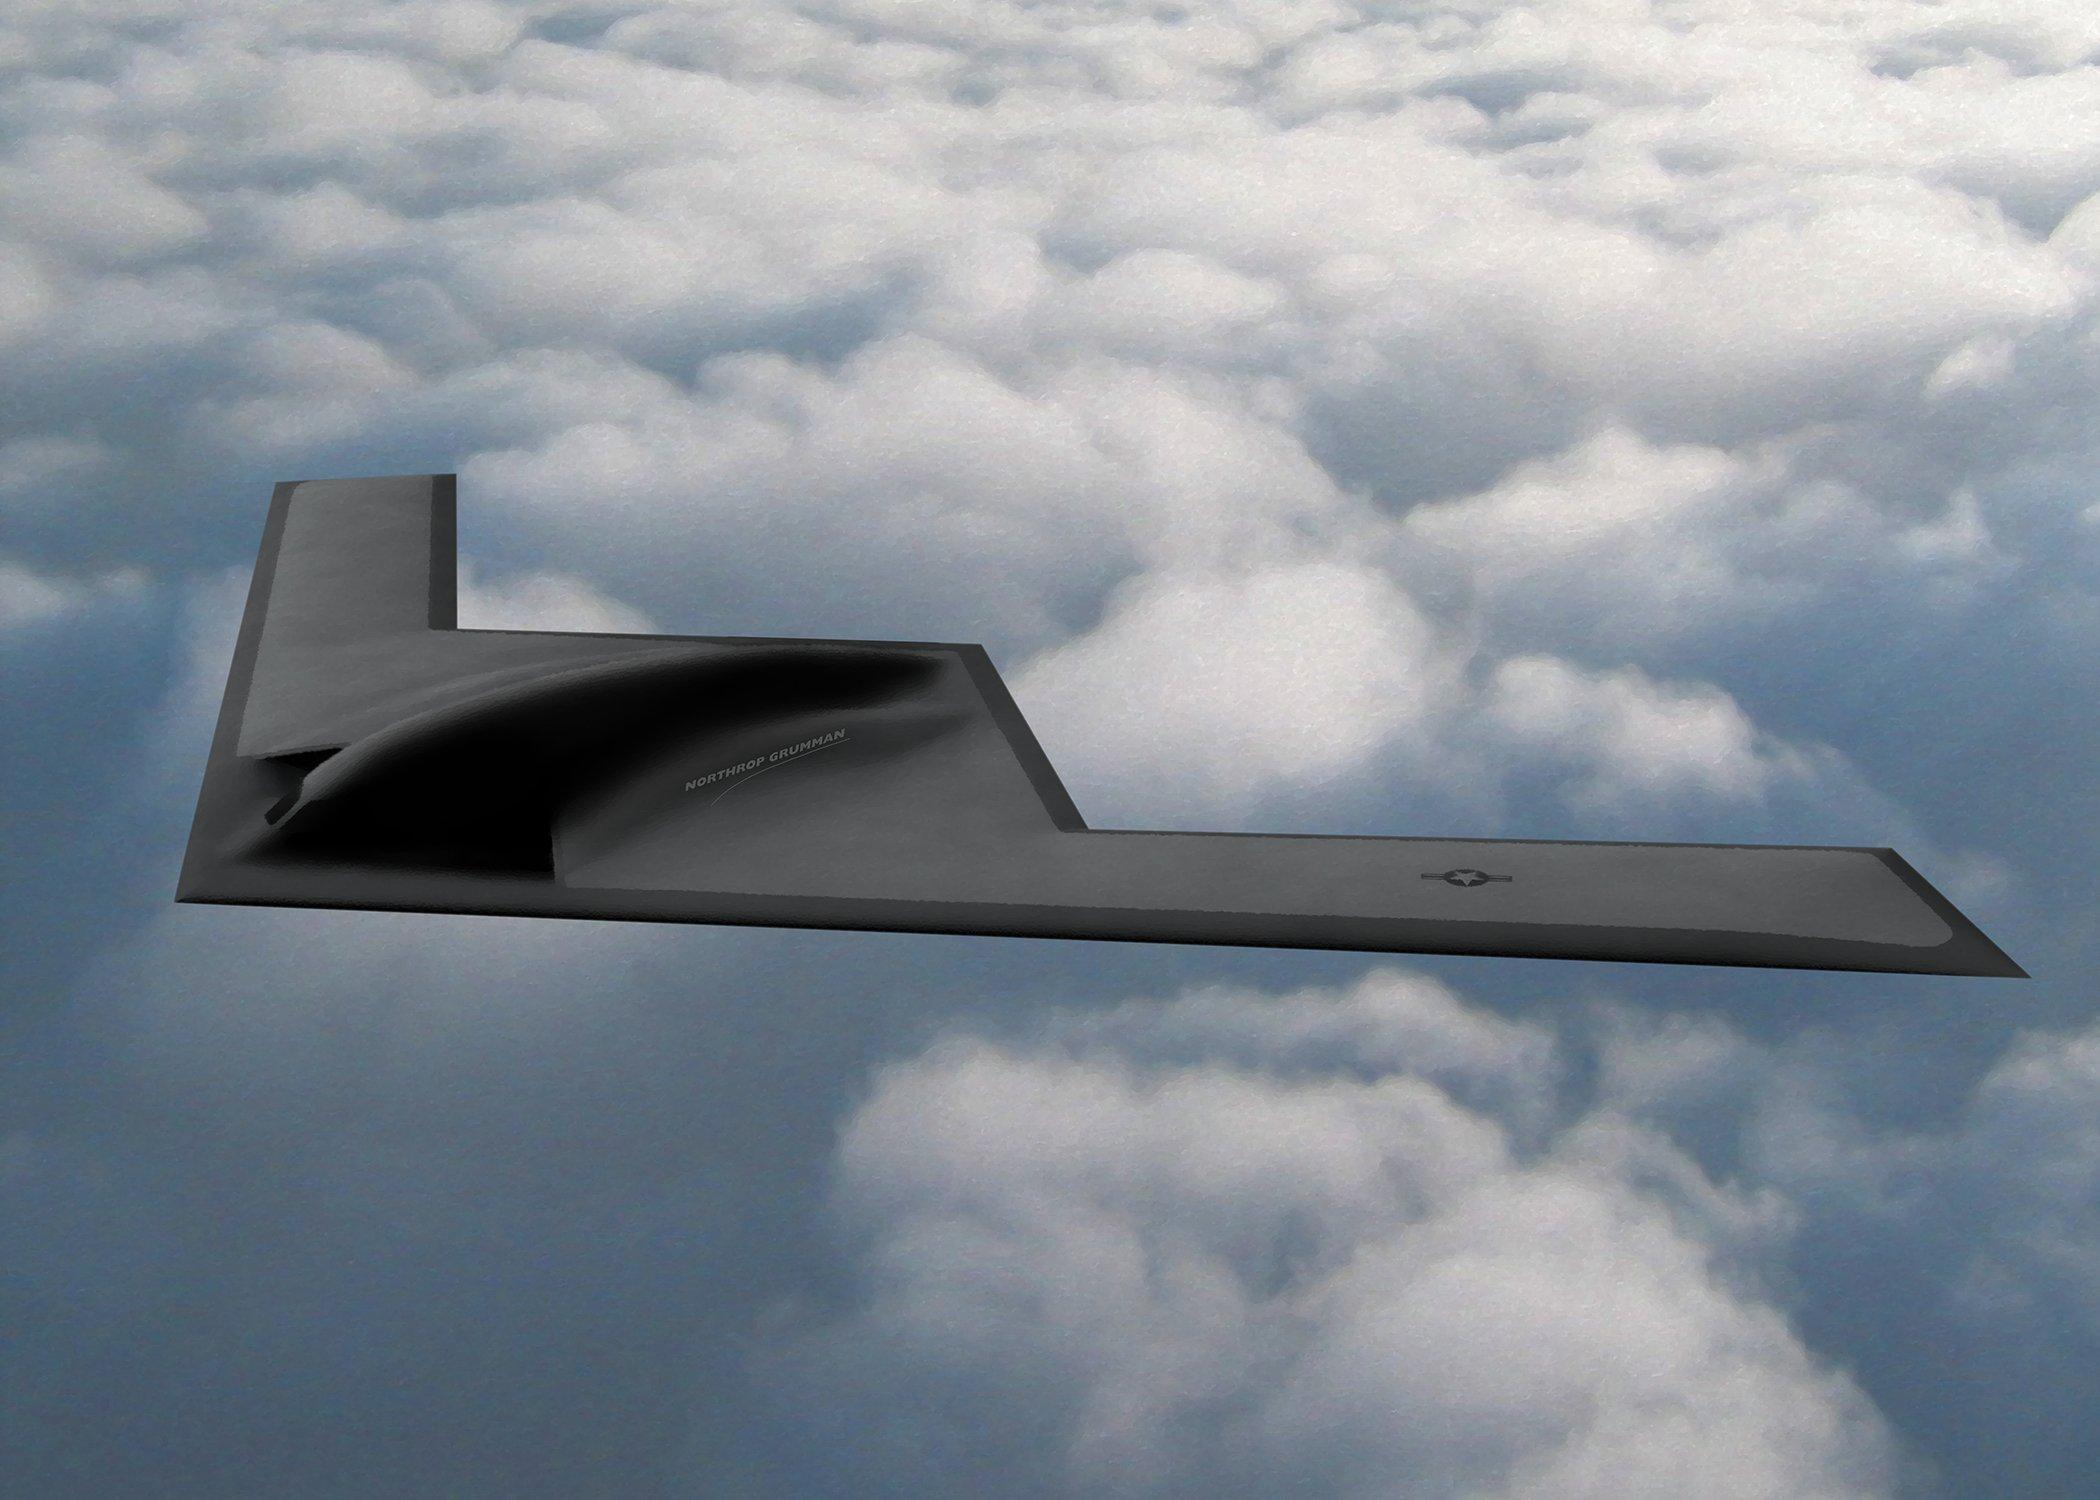 B-21 Raider [Northrop Grumman]